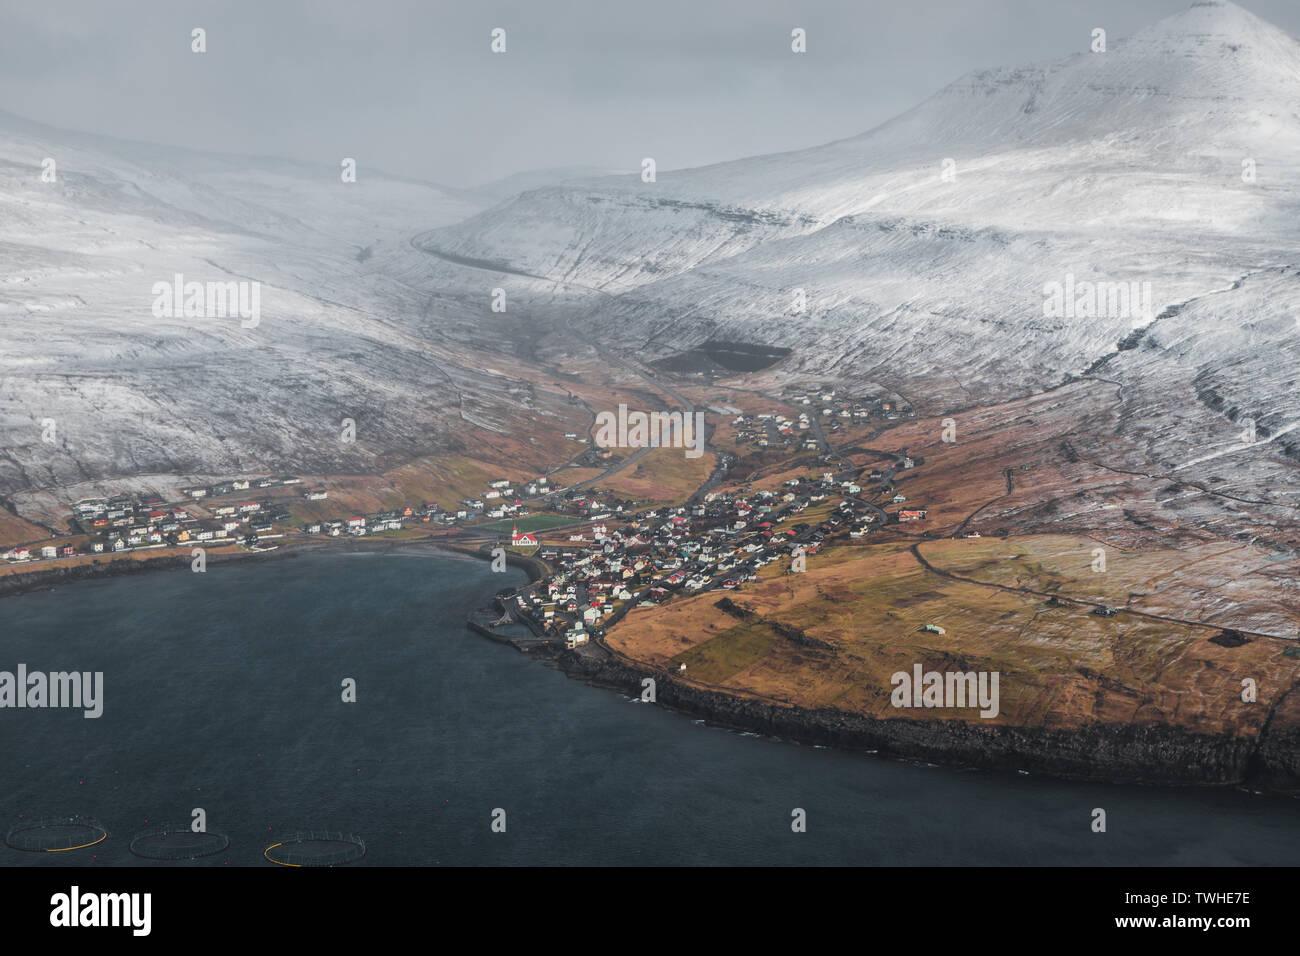 Luftaufnahme von einem färöischen Dorf in einer ruhigen Bucht umgeben von schneebedeckten Bergen wie von einem Hubschrauber im Frühjahr gesehen (Färöer Inseln) Stockfoto